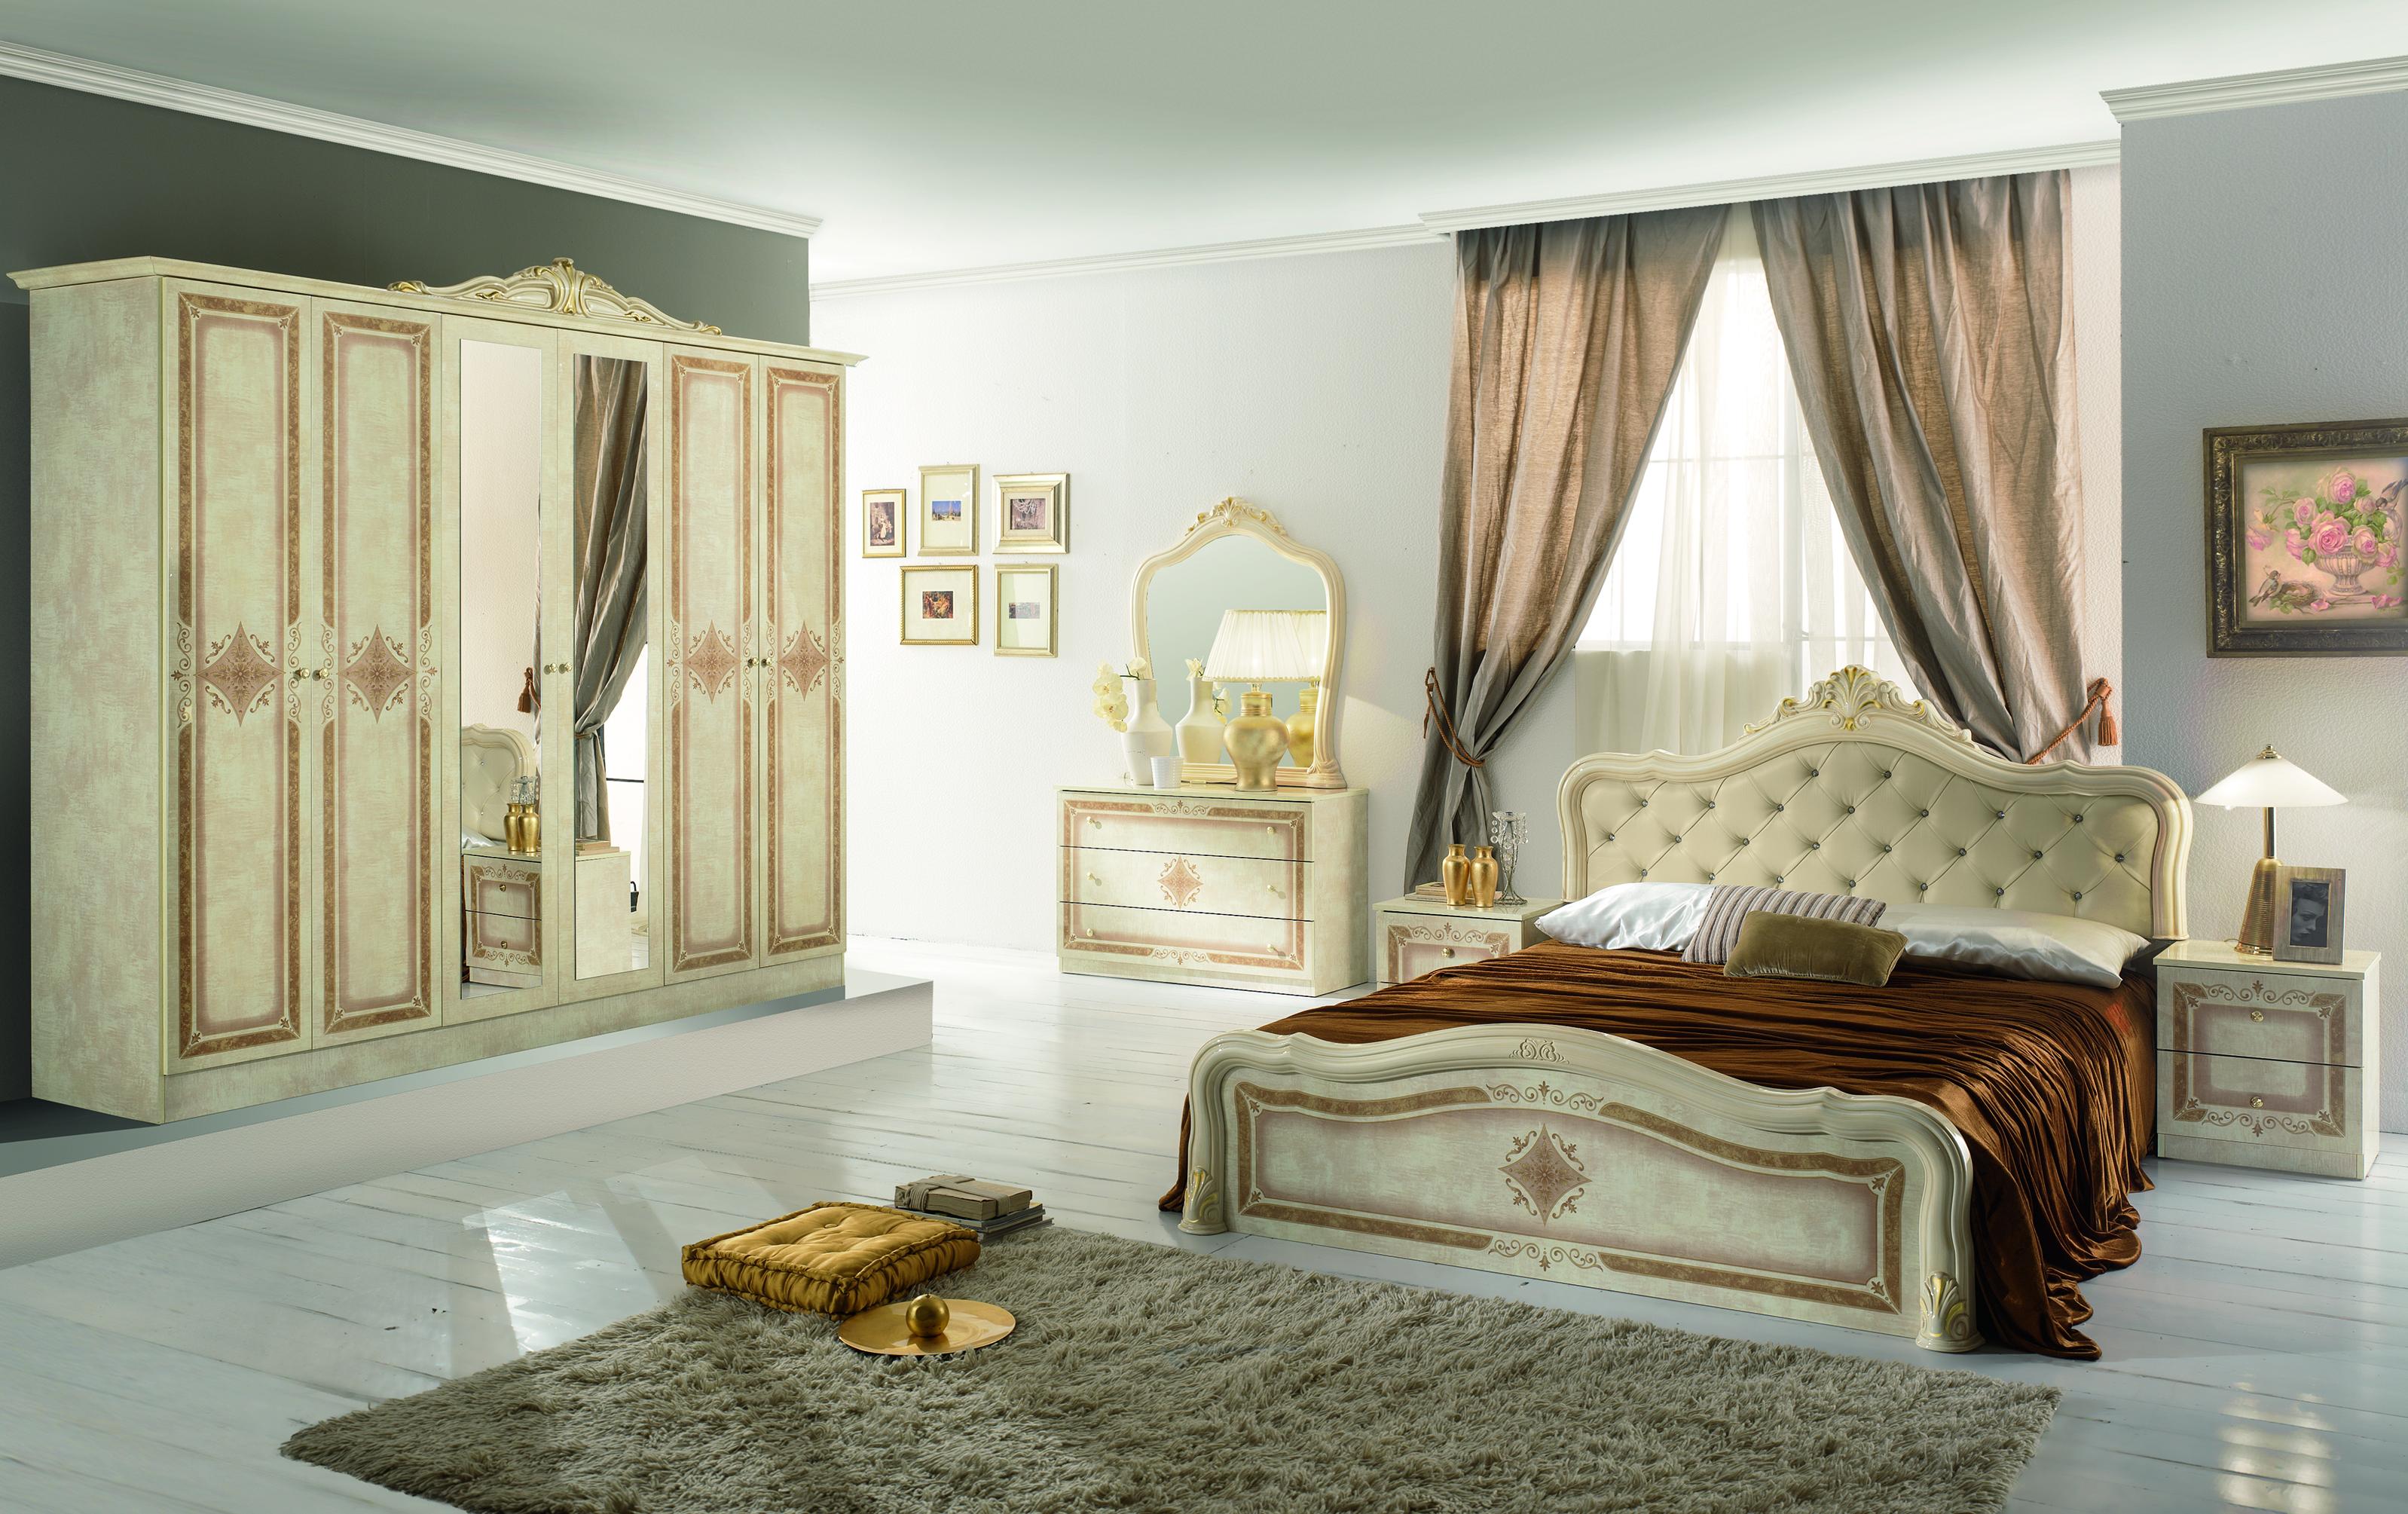 Schlafzimmer Set Lucy in Beige/Creme 180x200 cm / mit Schrank 4 türig /  ohne Kommode und Spiegel / ohne Lattenrost